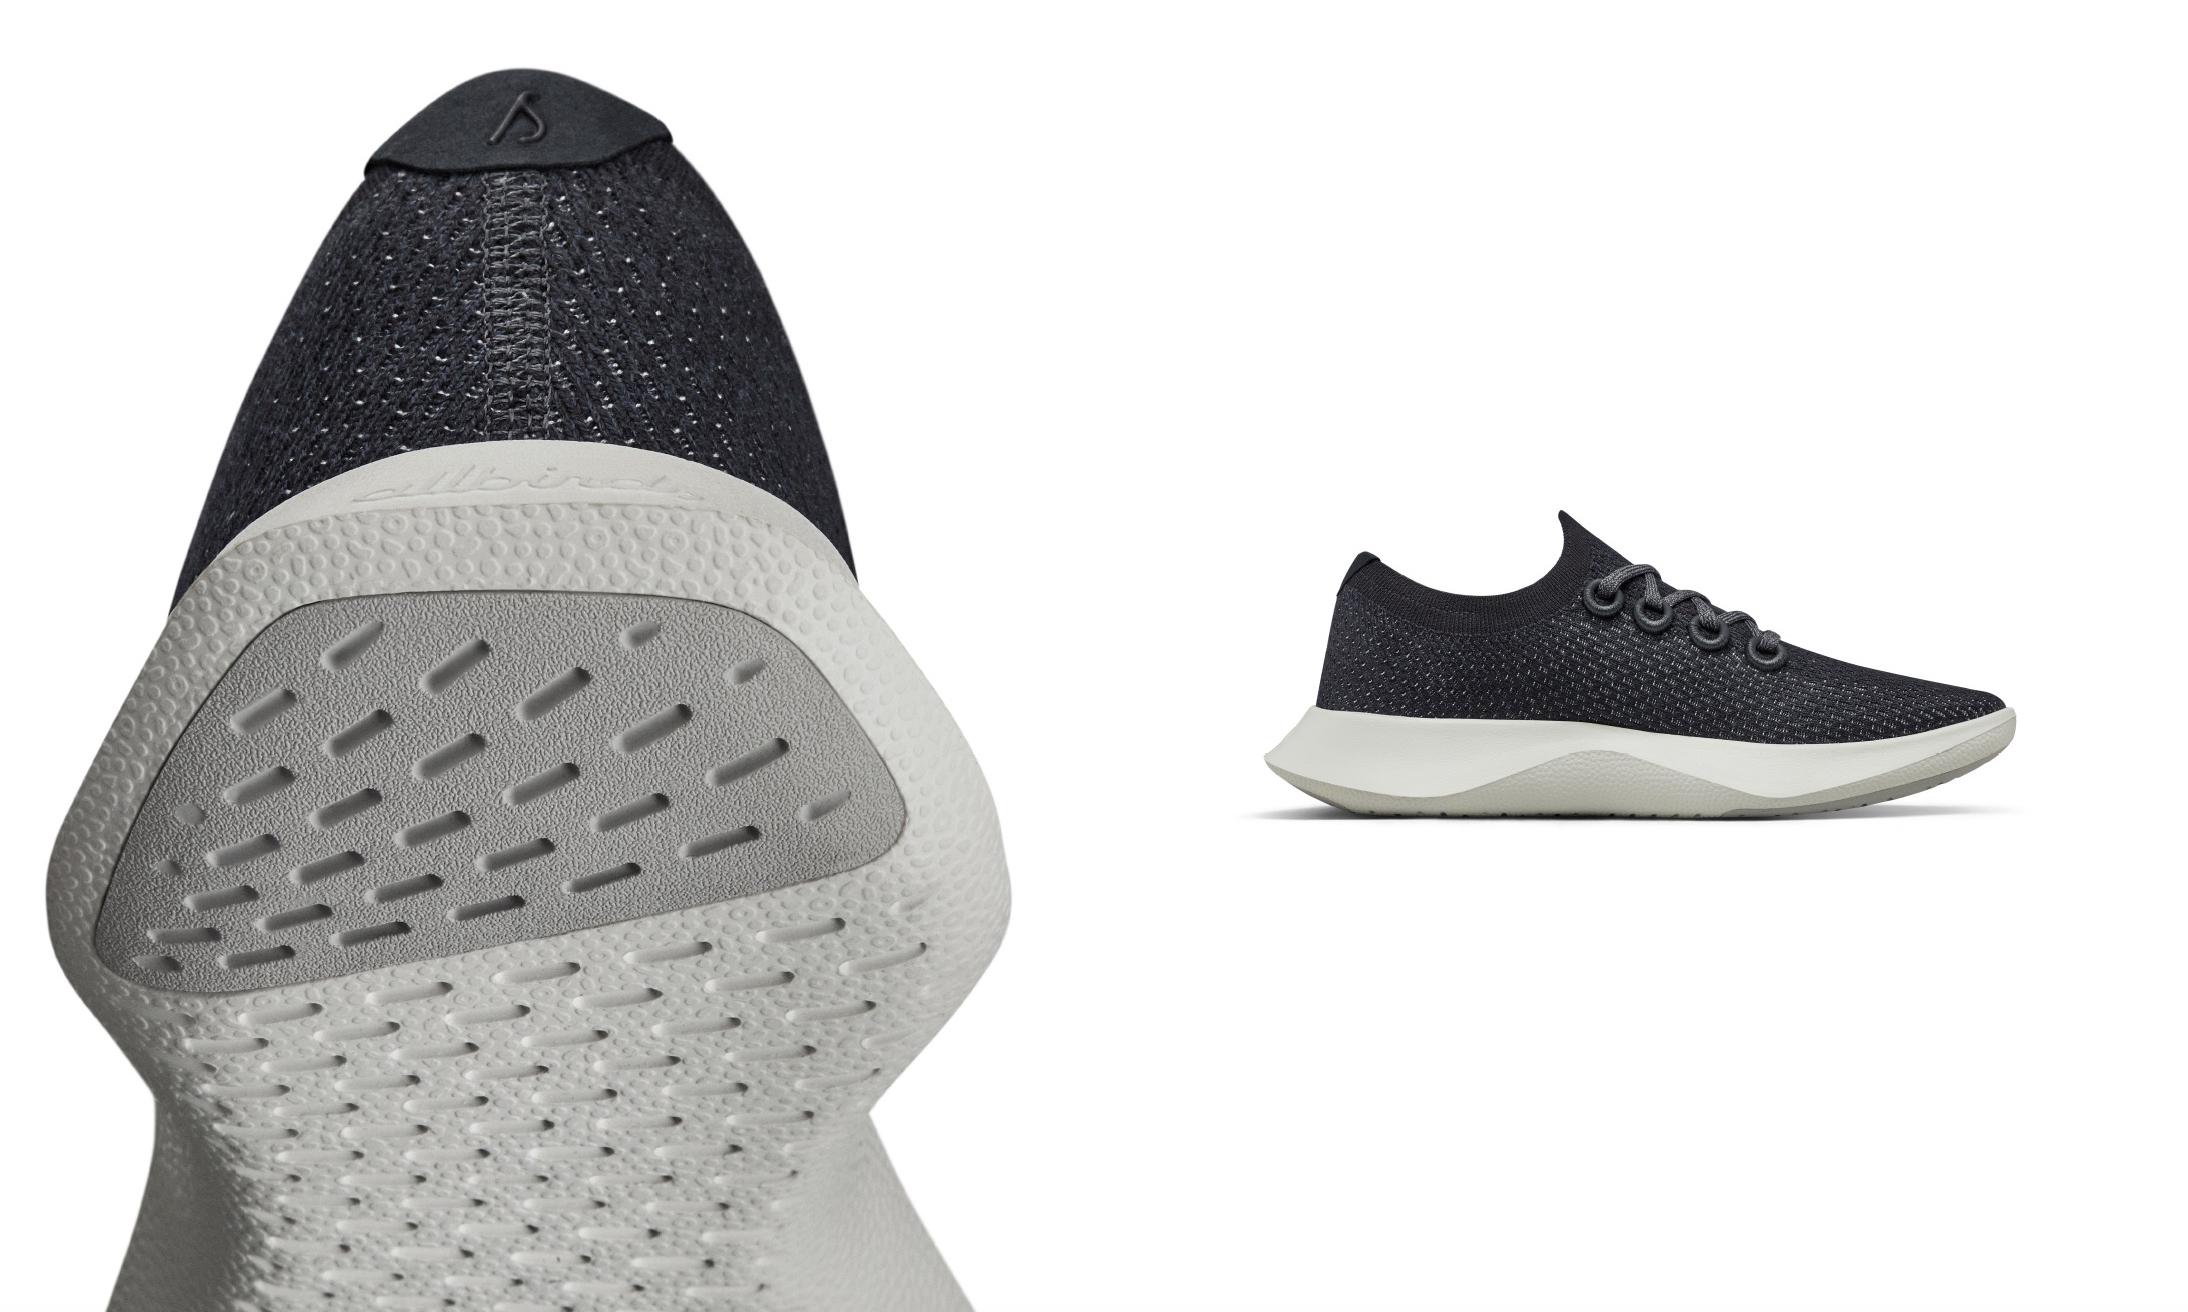 Allbirds 首次发布功能鞋系列 Dasher